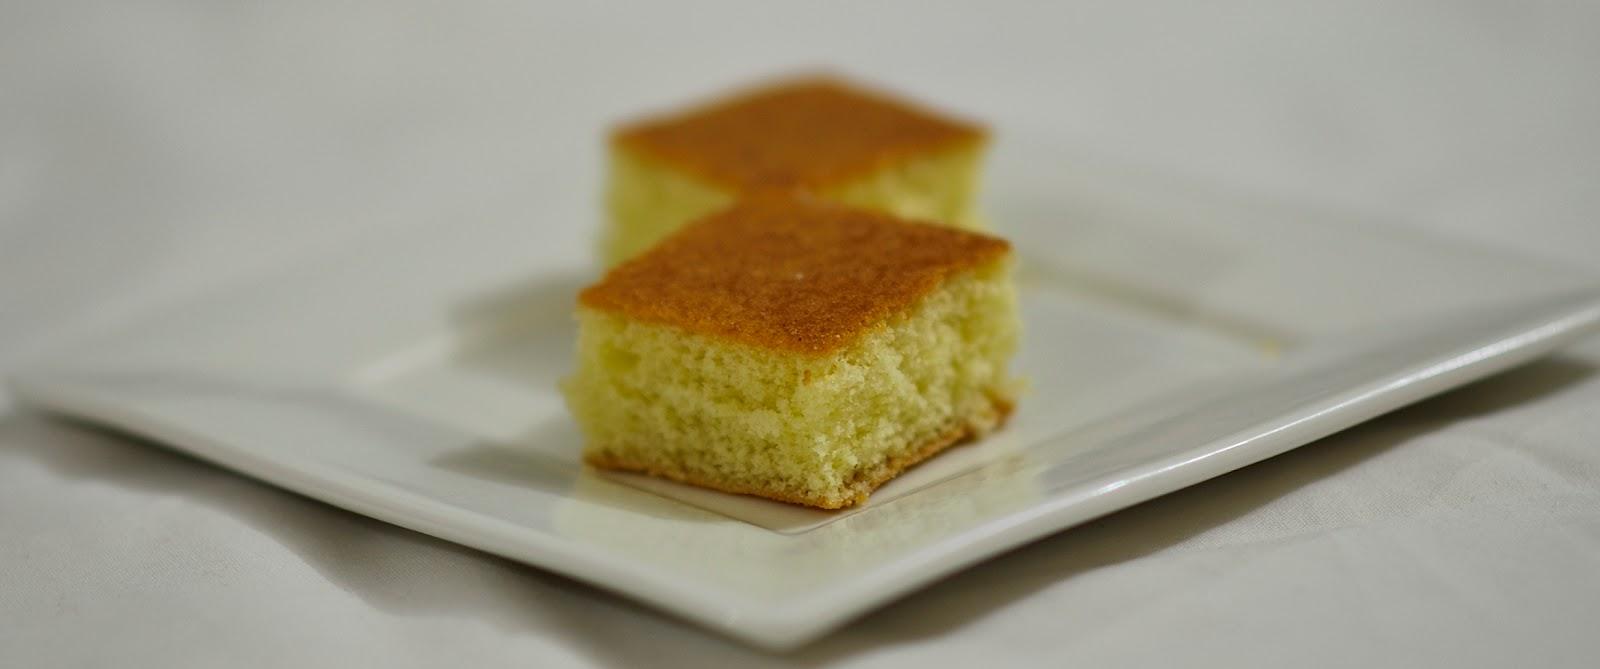 Cake Images For Priya : Priya s Recipes: Cake and Icing